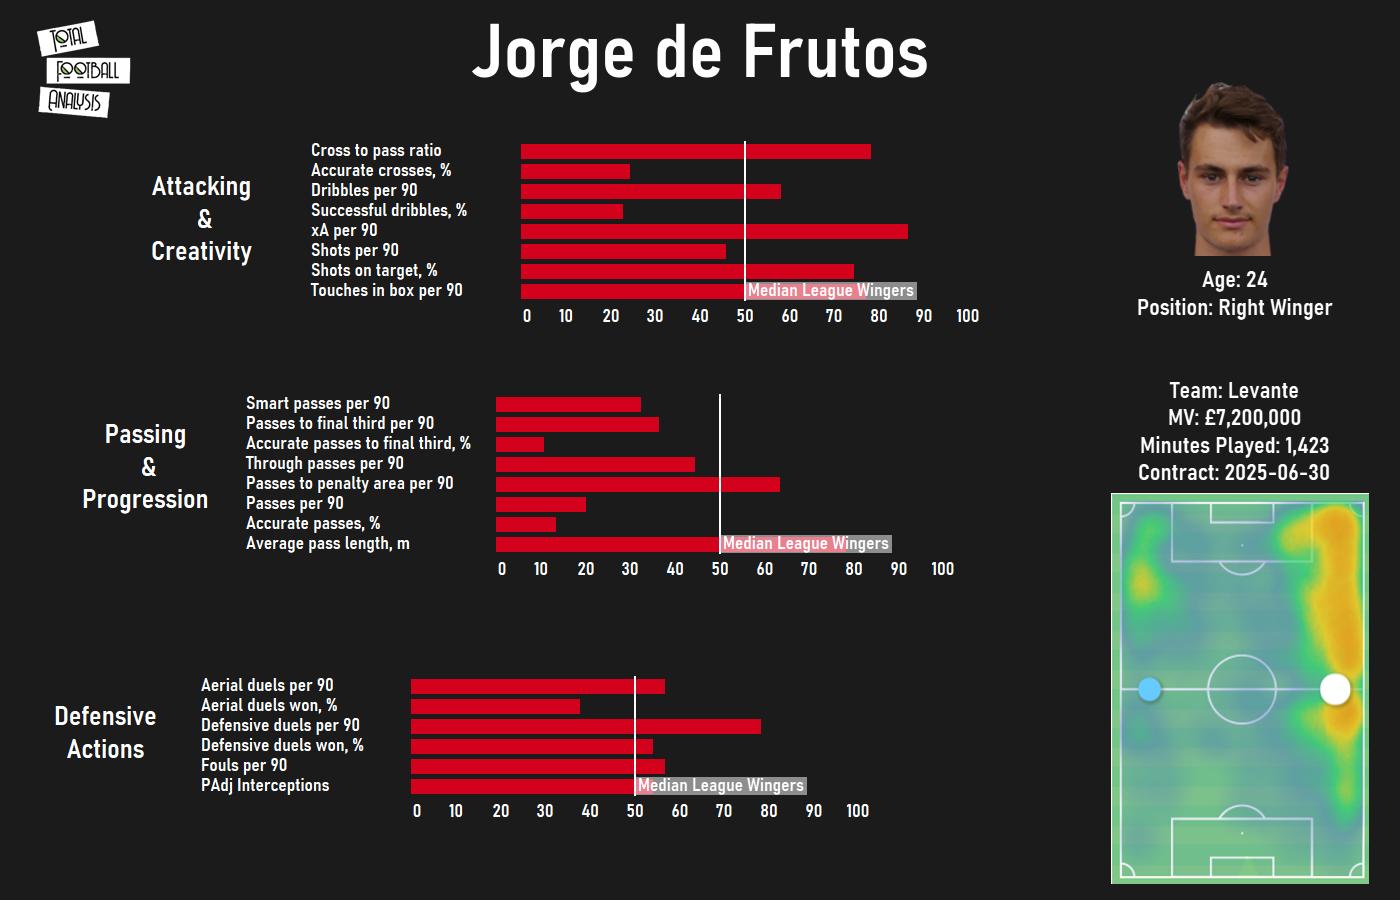 Jorge de Frutos 2020/21 - scout report - tactical analysis - tactics